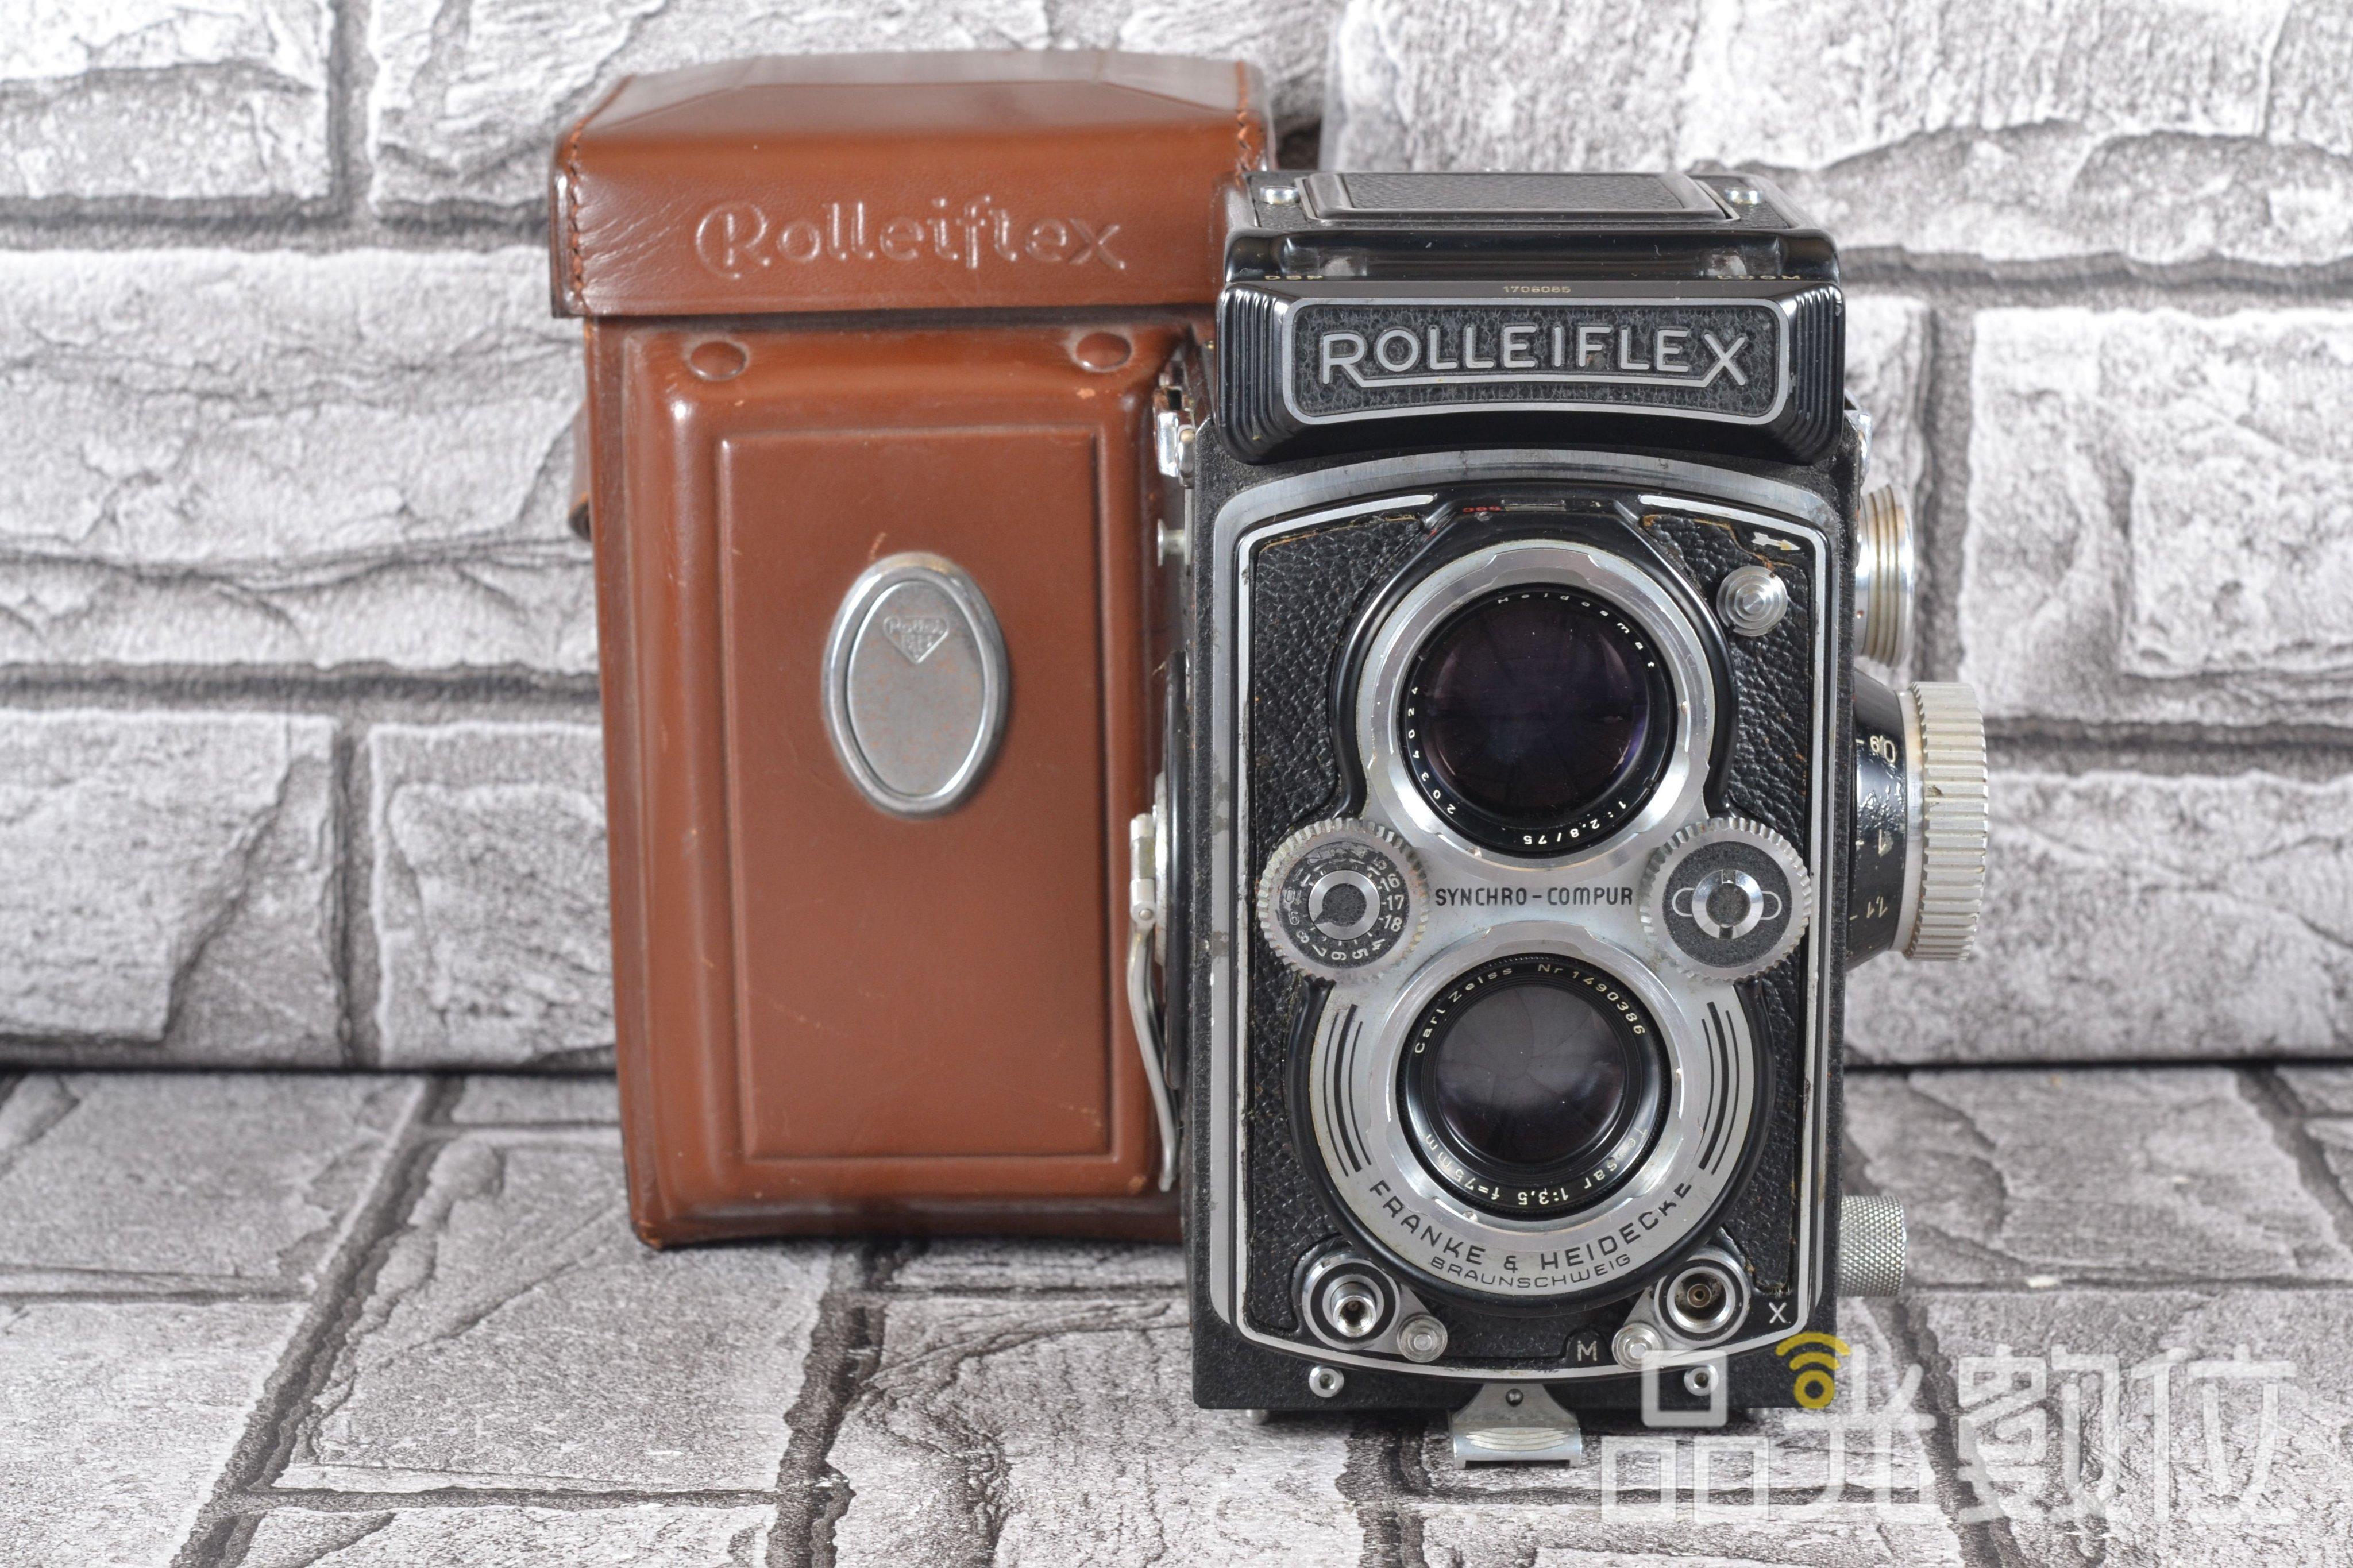 【台中品光數位】祿來 Rolleiflex 3.5B 75MM F3.5 中片幅 反光相機 雙眼相機 #78731T